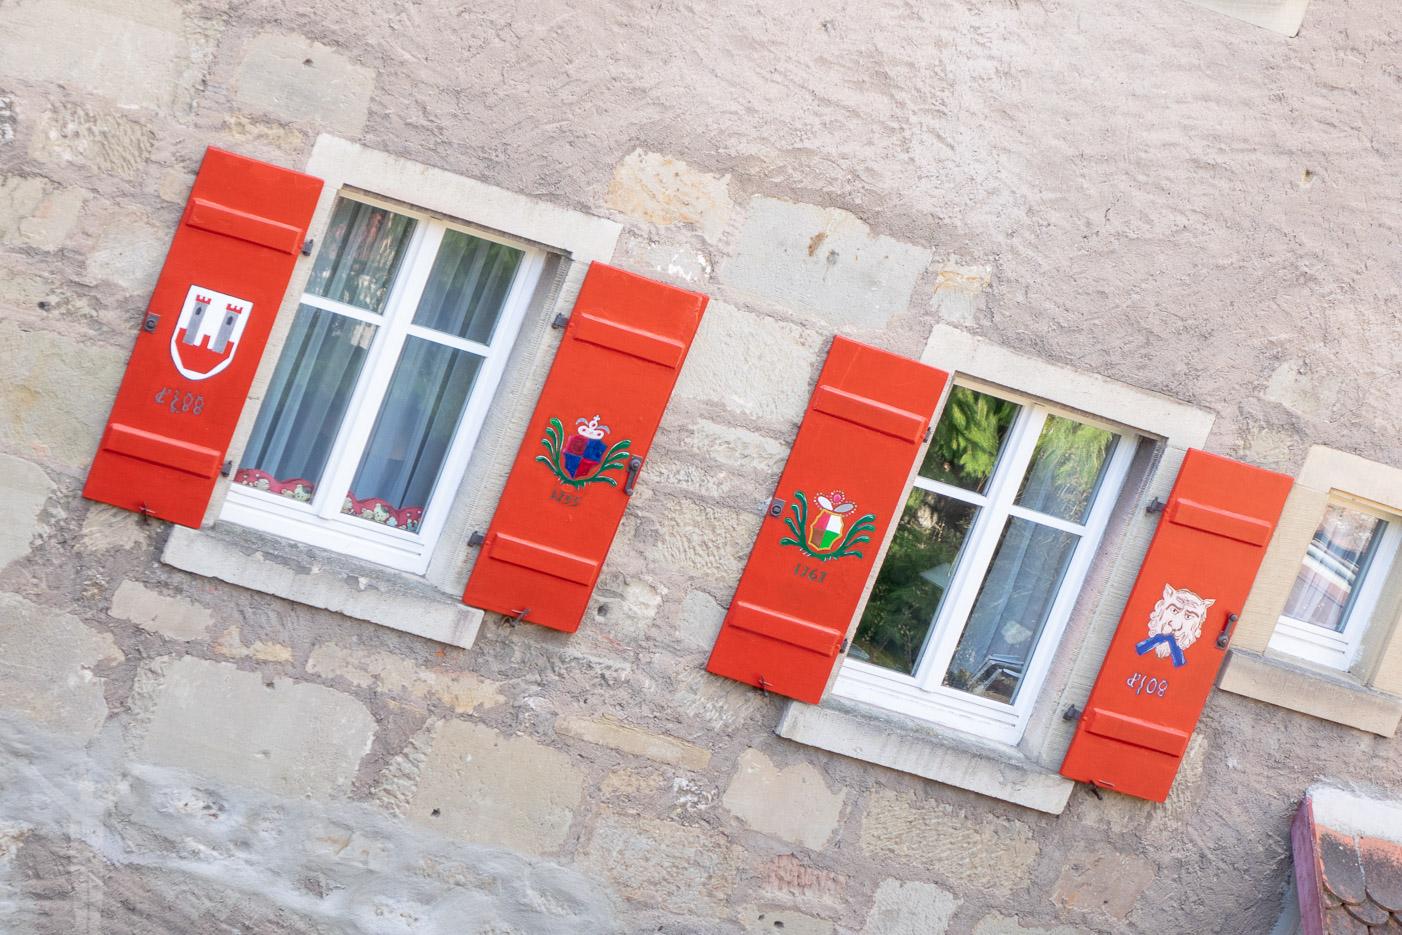 Fönster på ett hus